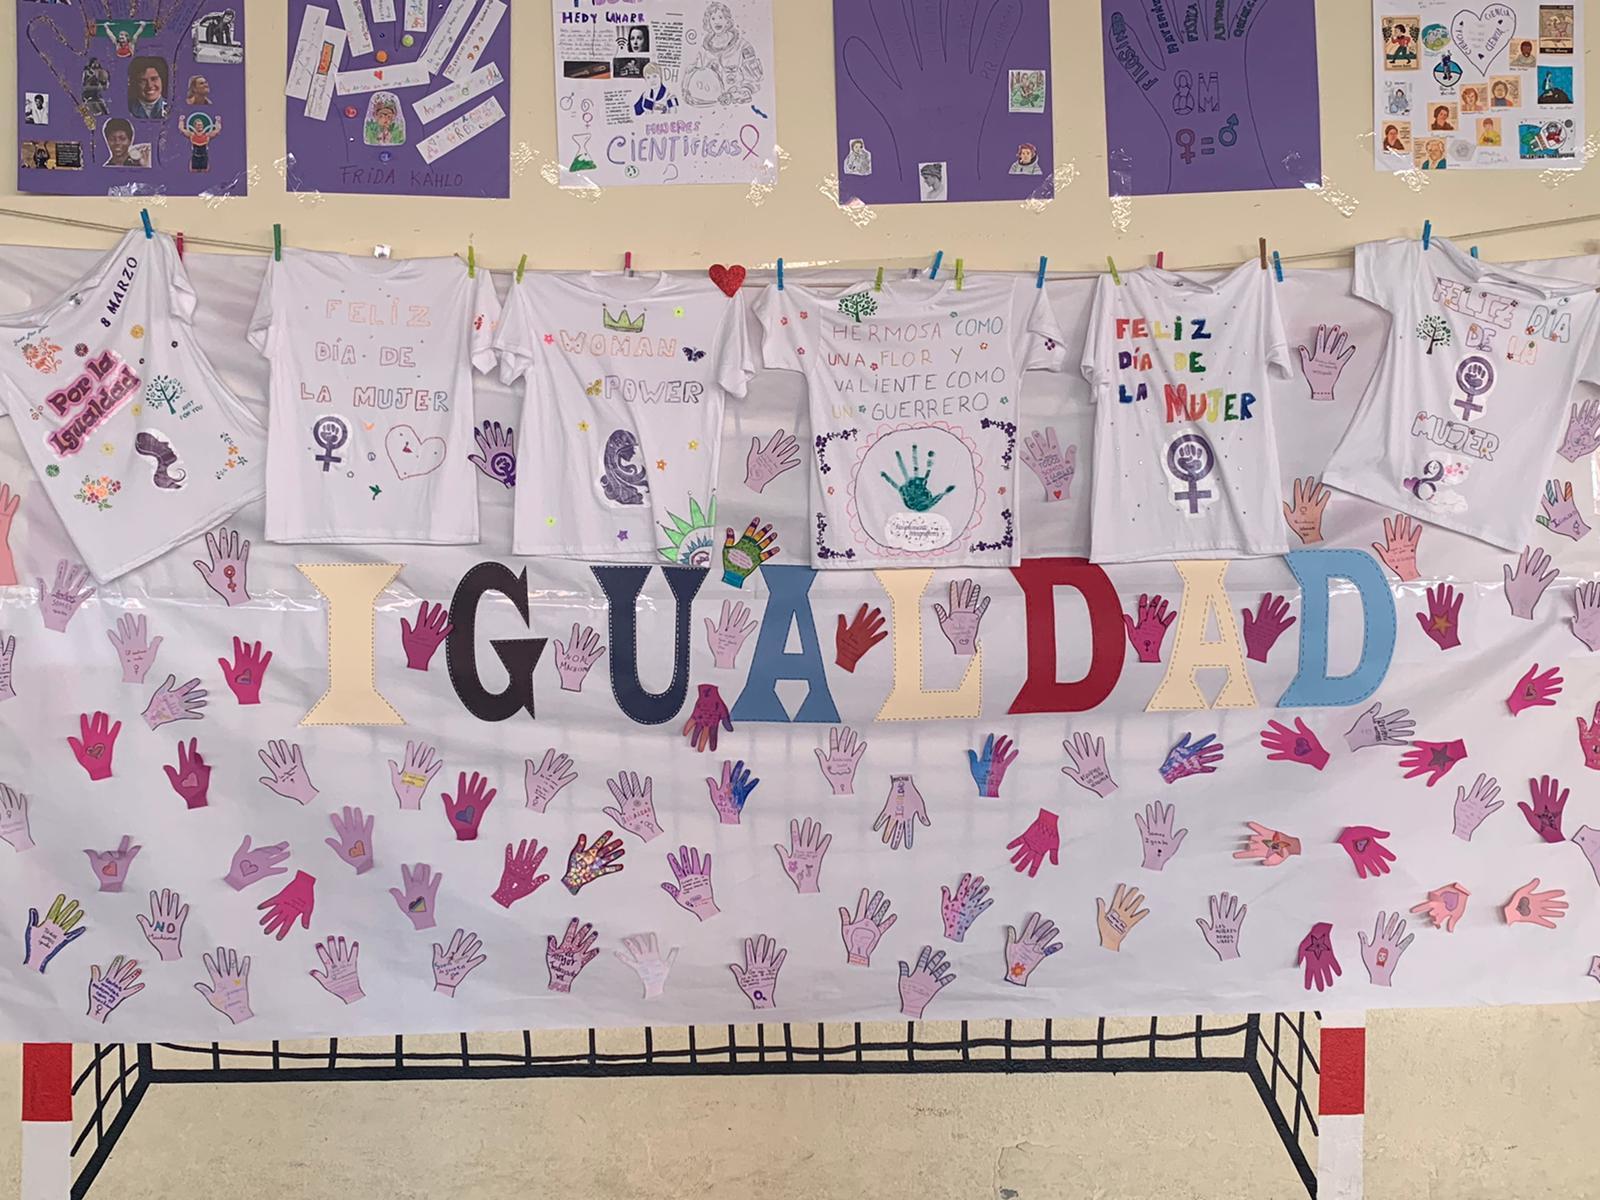 Pancarta que pone IGUALDAD con manos moradas y mensajes por el 8M. Carteles con mujeres relevantes, científicas, pintoras, etc..